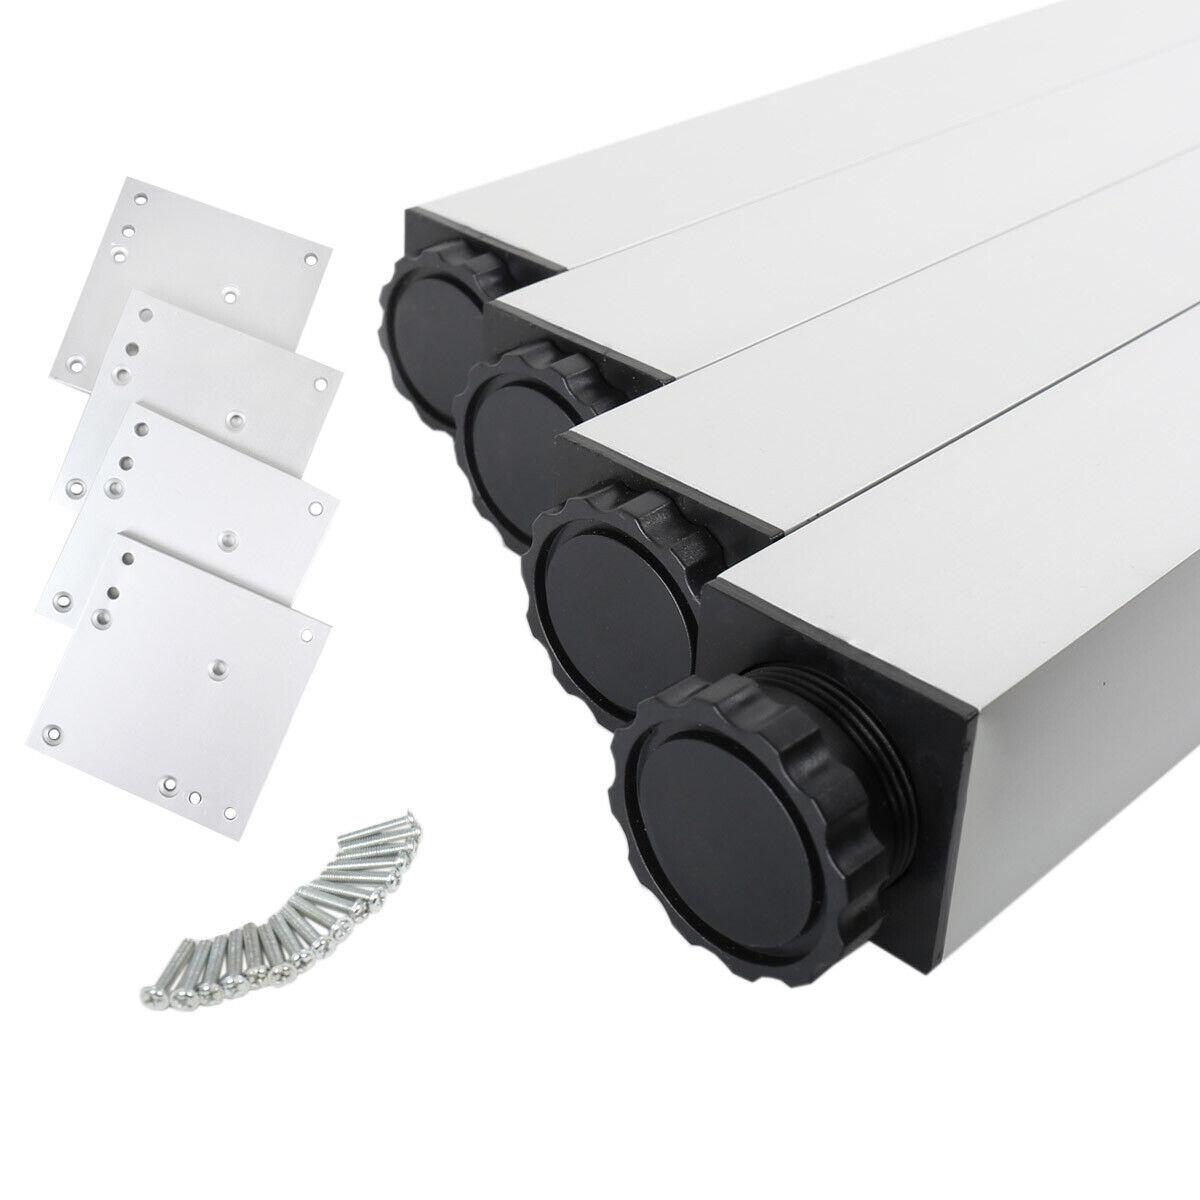 4er Set Tischbeine Möbelfüsse Tischstempel aus Metall 46mm x 46mm diverse Höhen